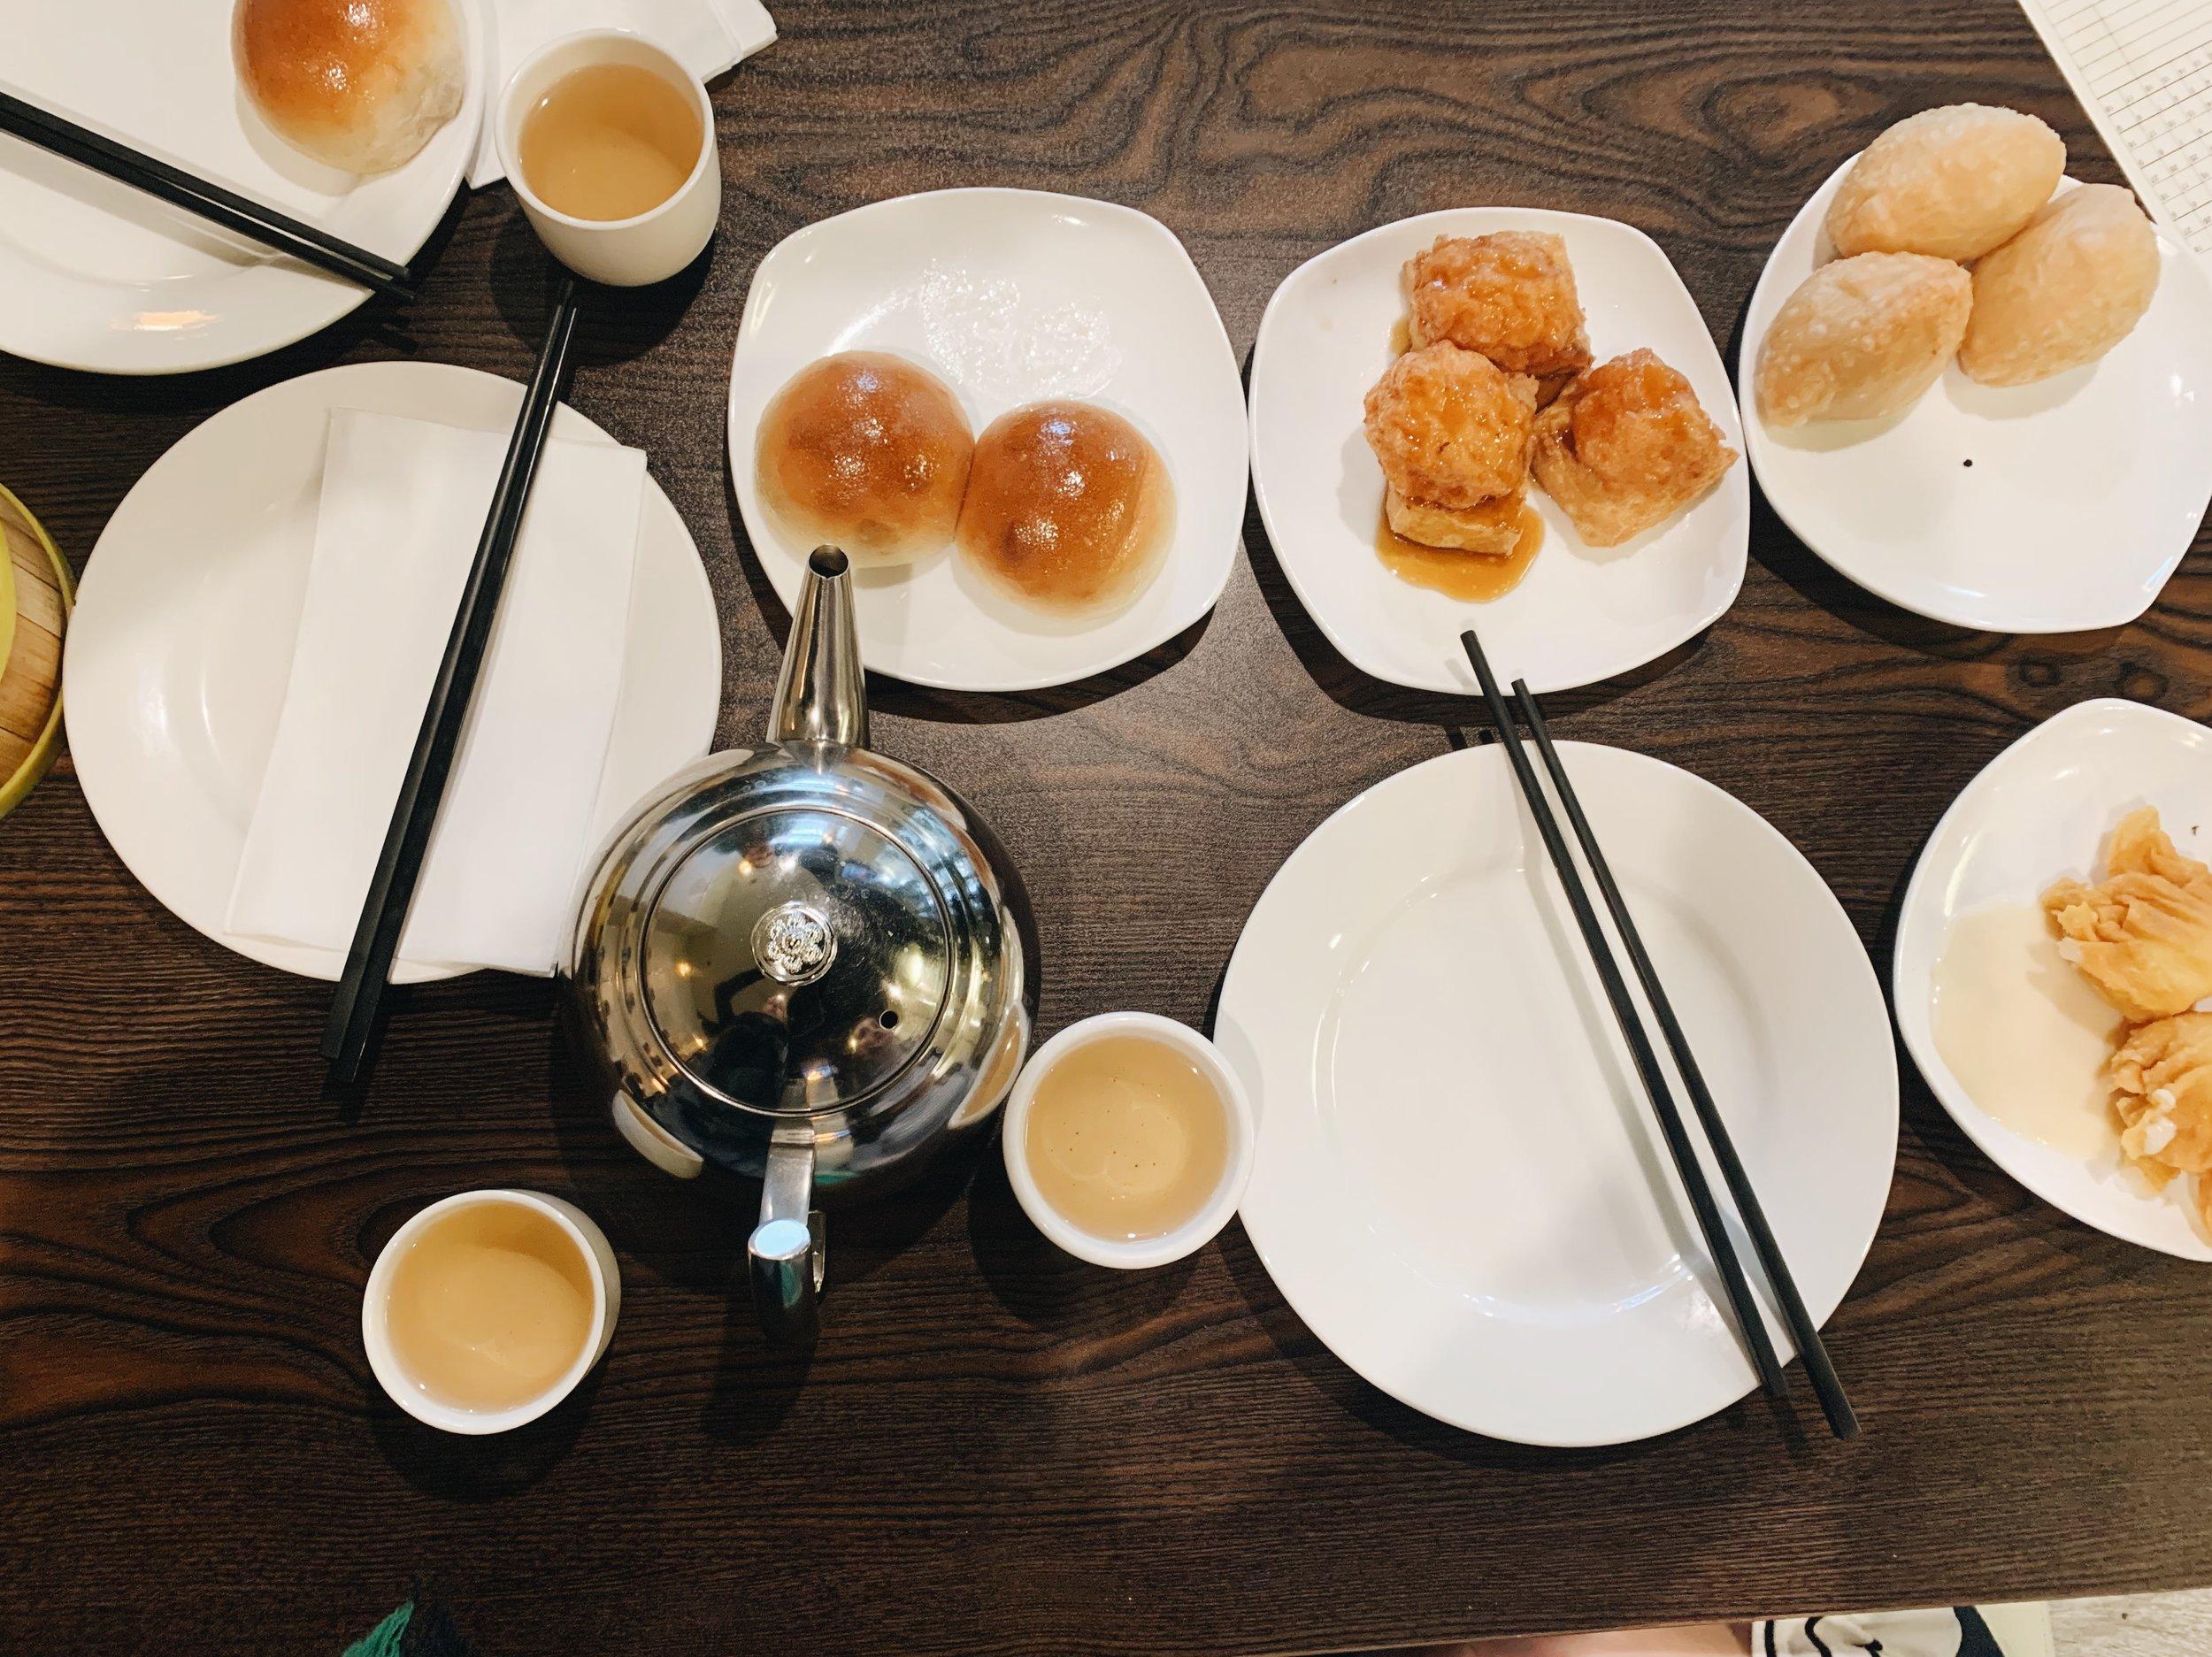 seattle dim sum restaurants in Chinatown